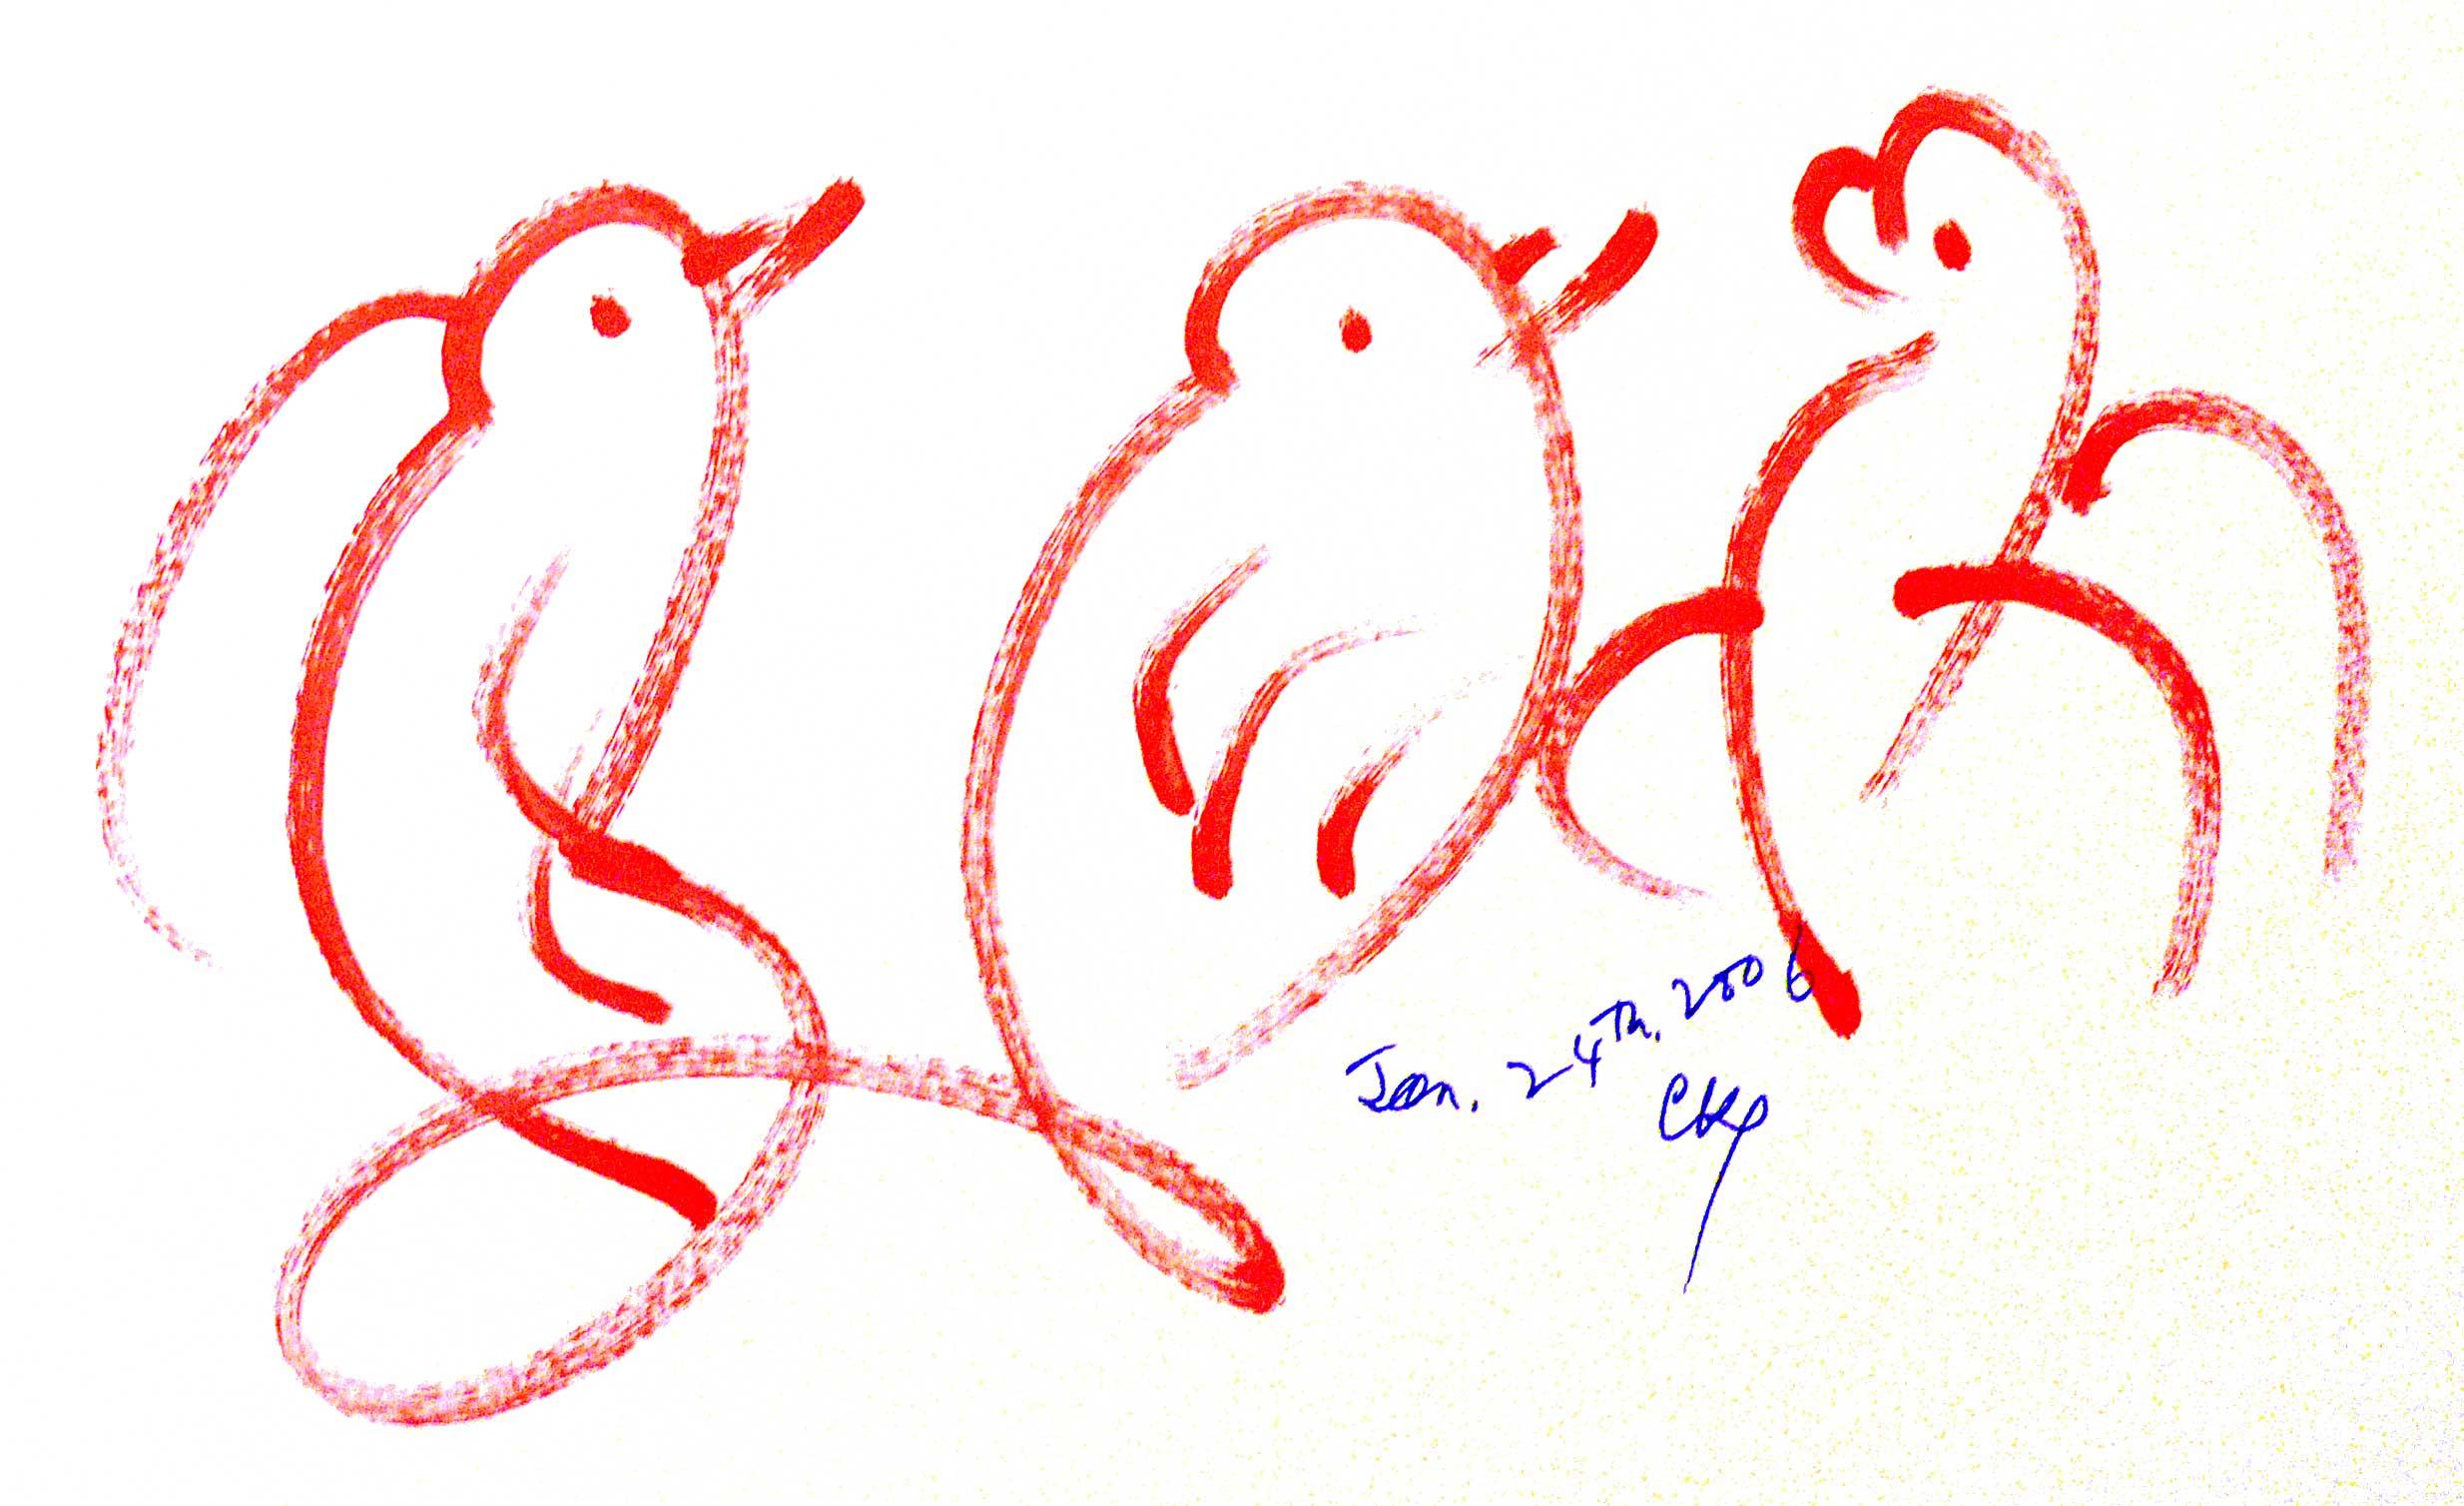 24-1-2006-sri-chinmoy